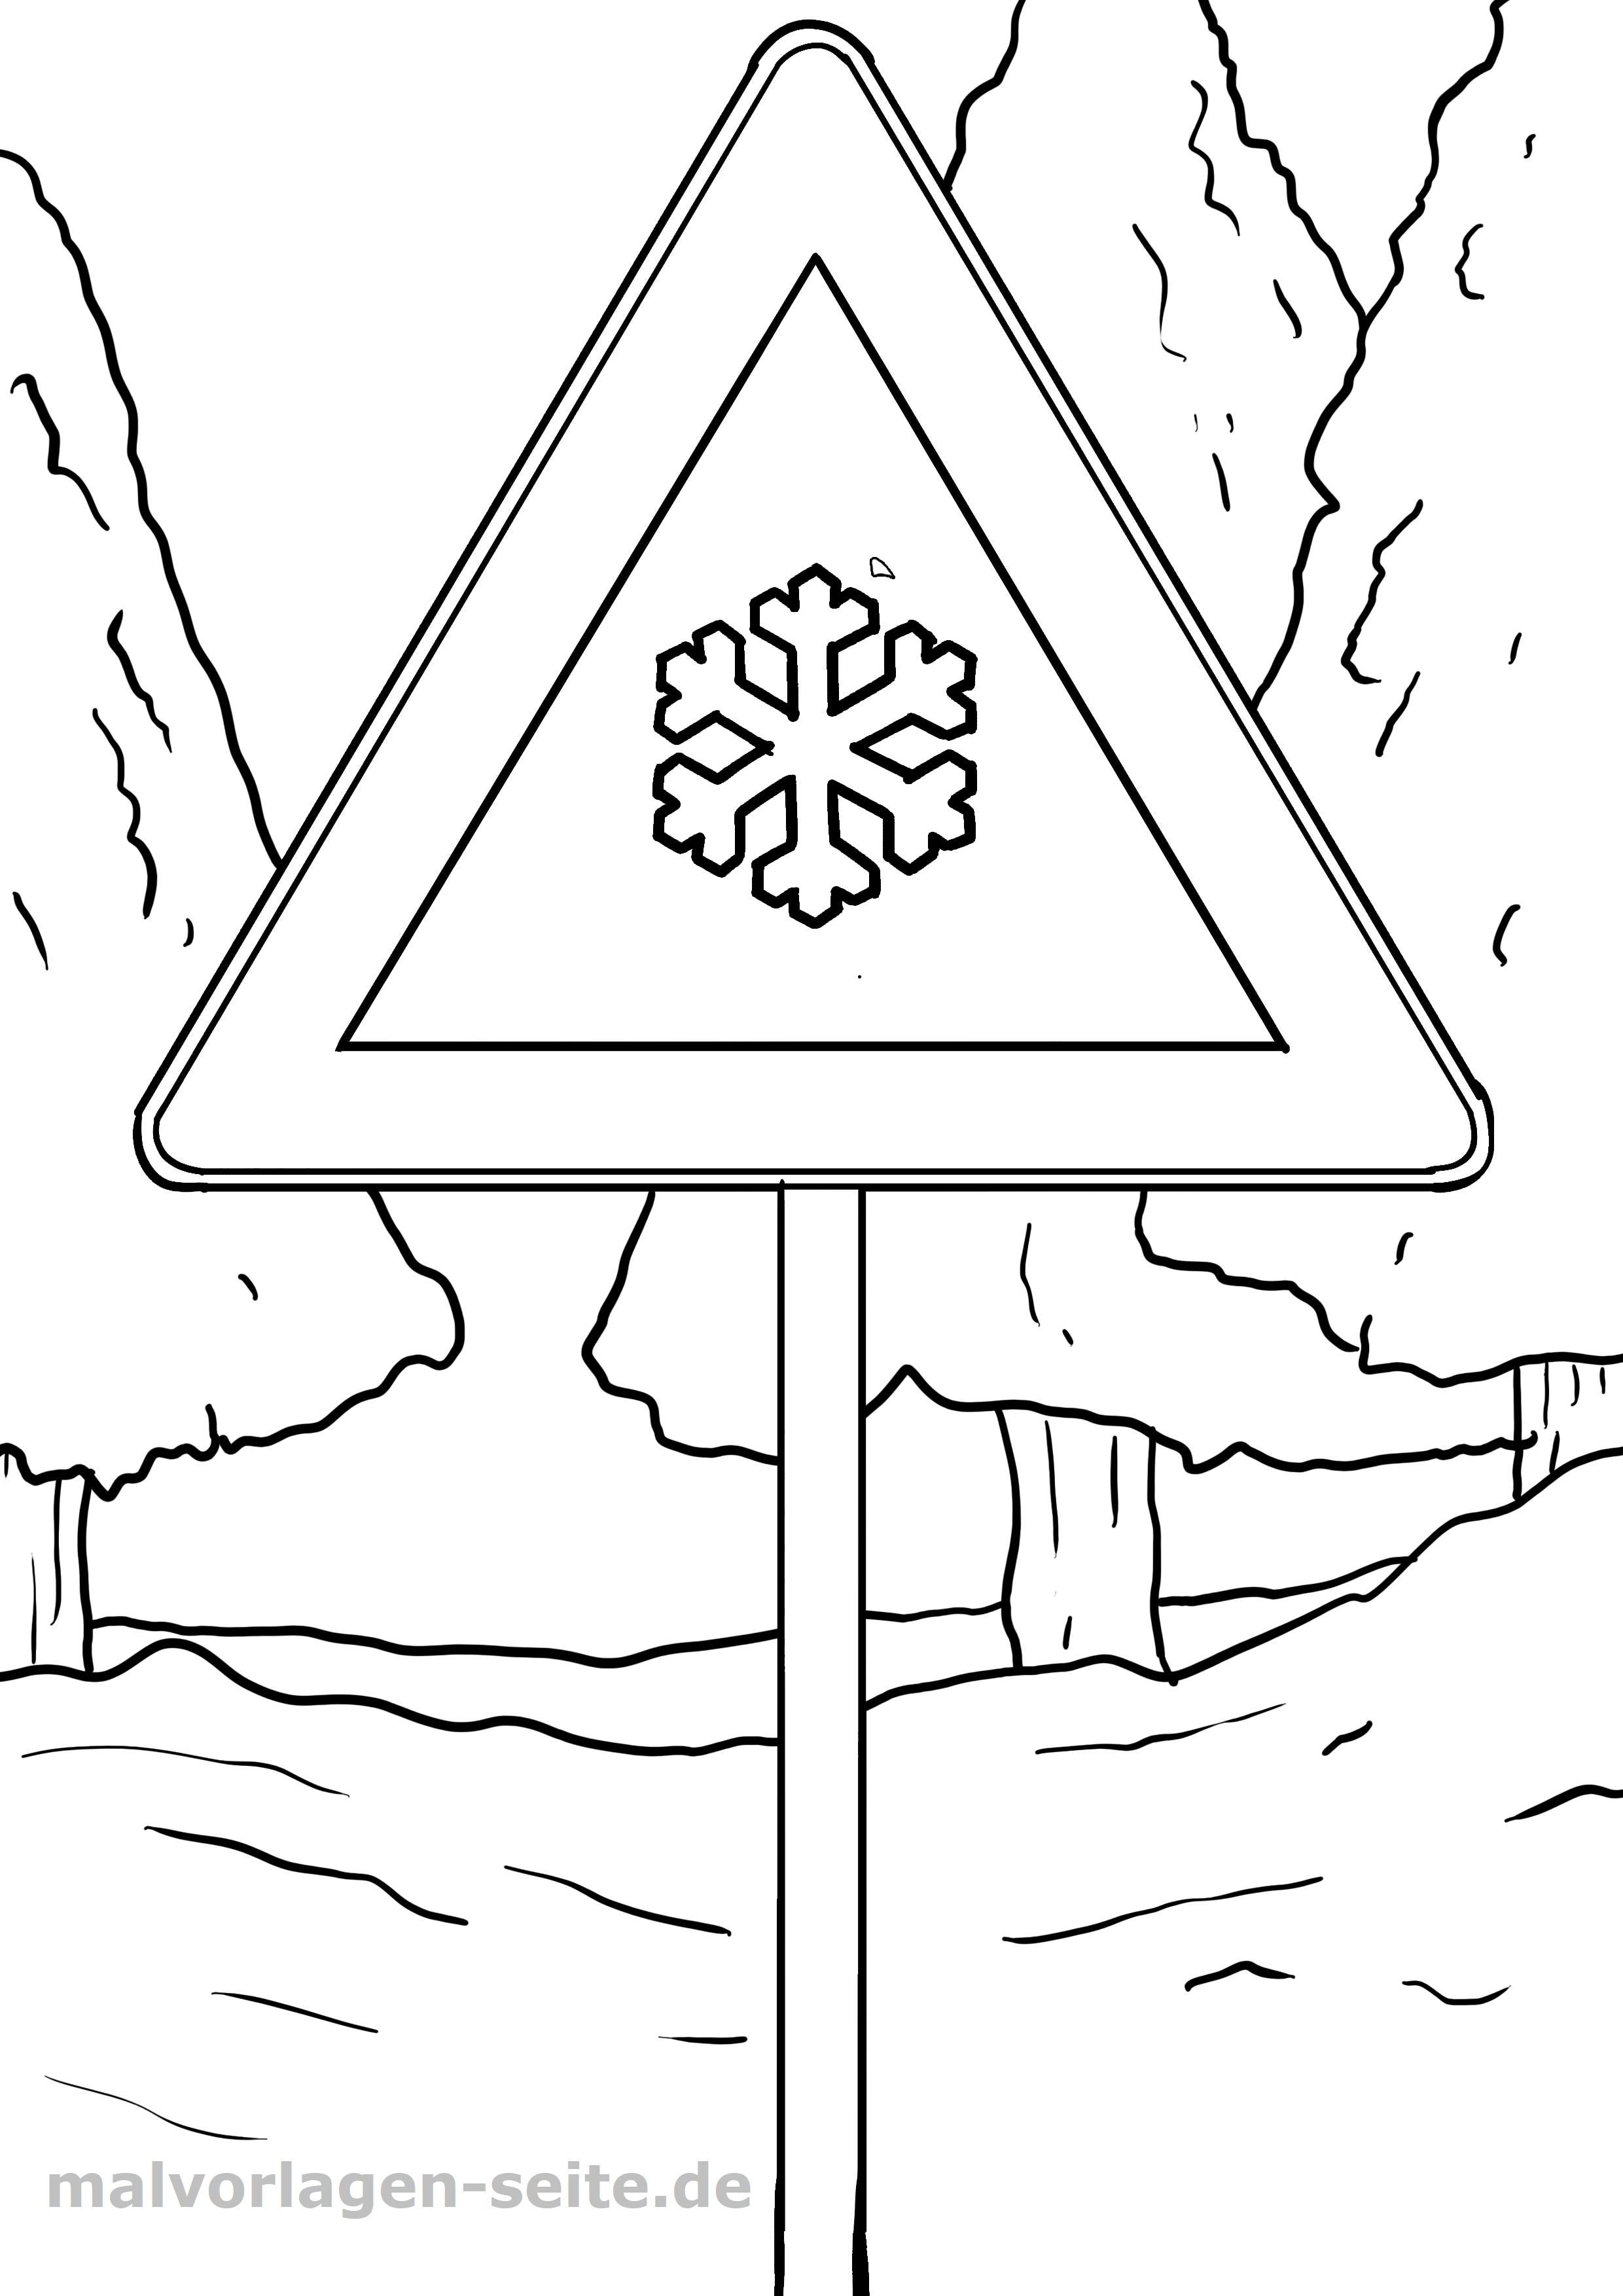 Verkehrszeichen Schnee Glätte Malvorlage - Kostenlose Ausmalbilder